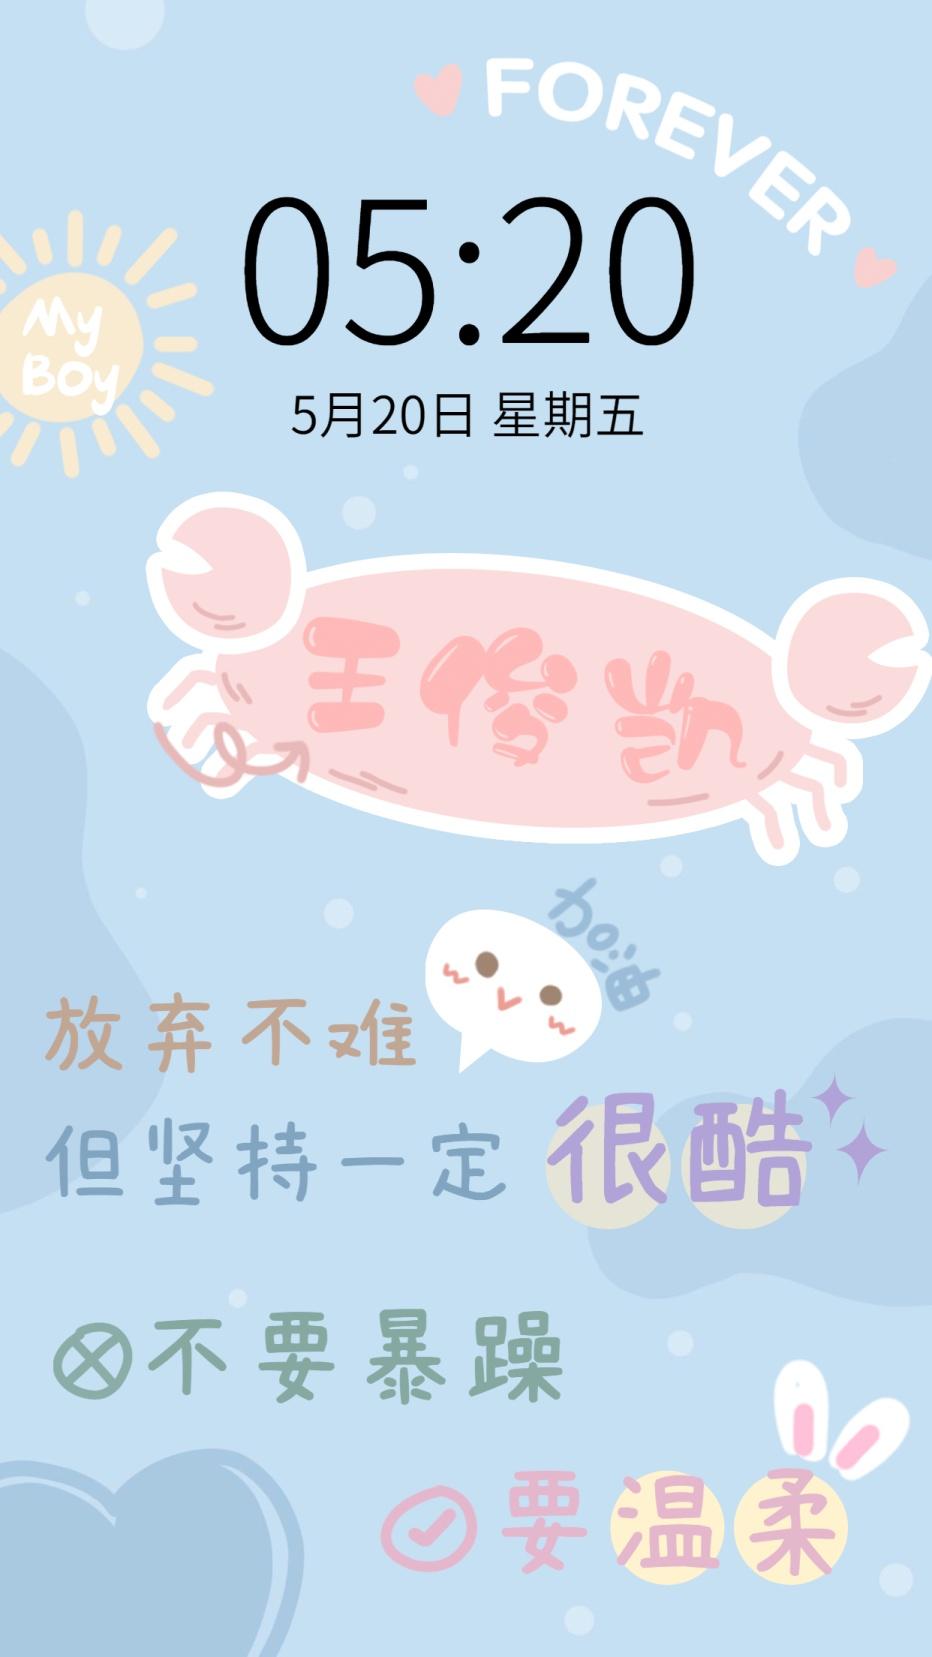 可爱螃蟹爱豆语录手机壁纸明星应援